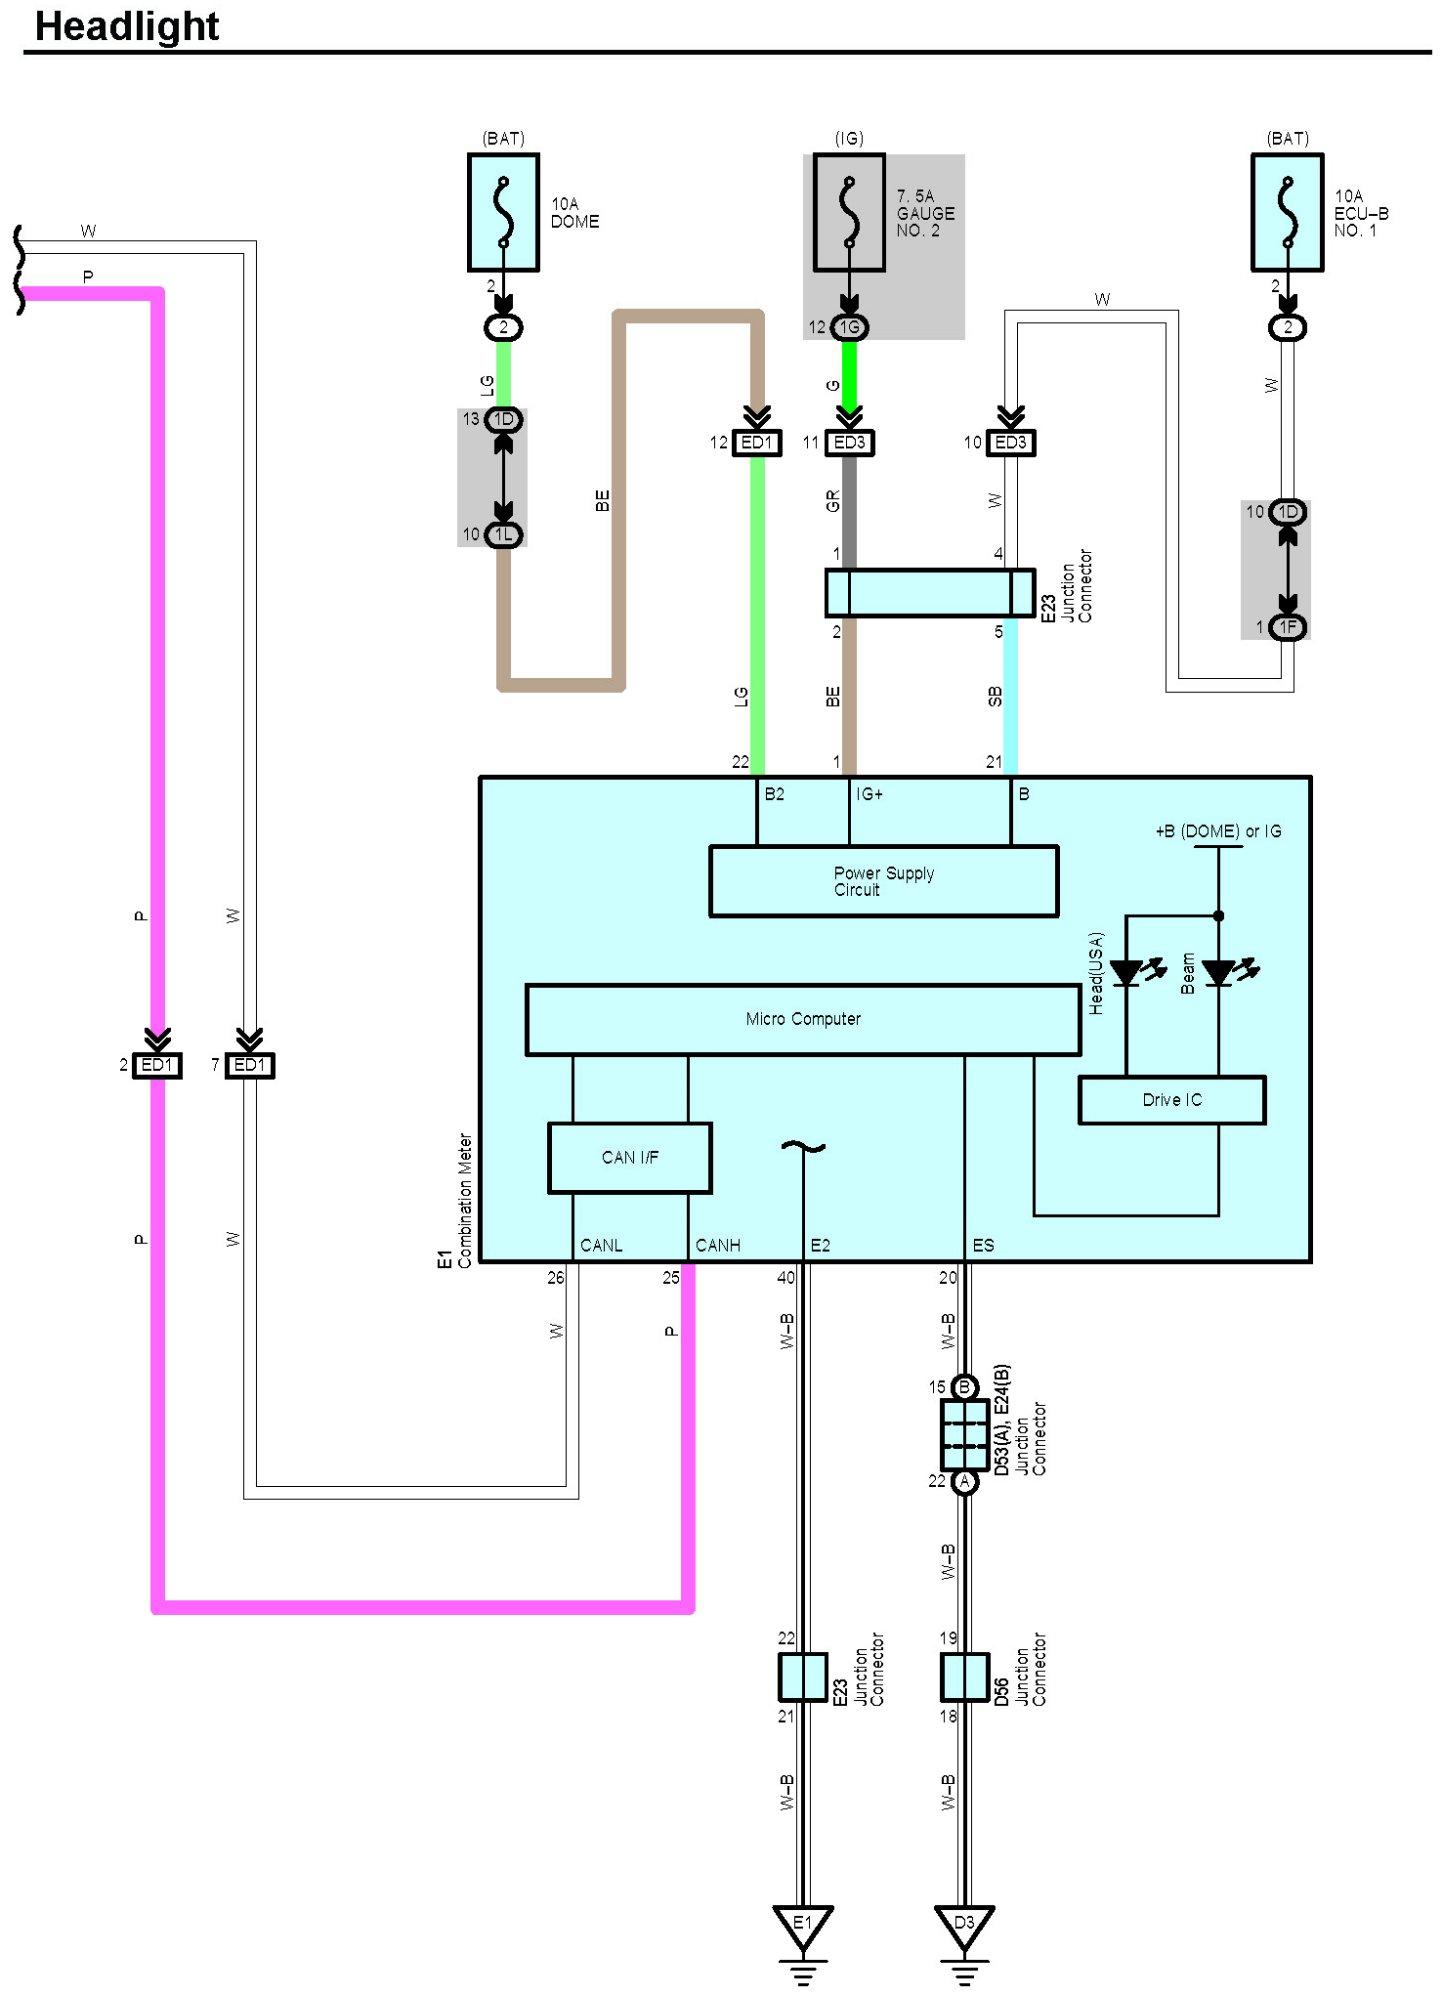 2010 Toyota Highlander Headlight Wiring Diagram Wiring Diagrams Dry Metal Dry Metal Alcuoredeldiabete It